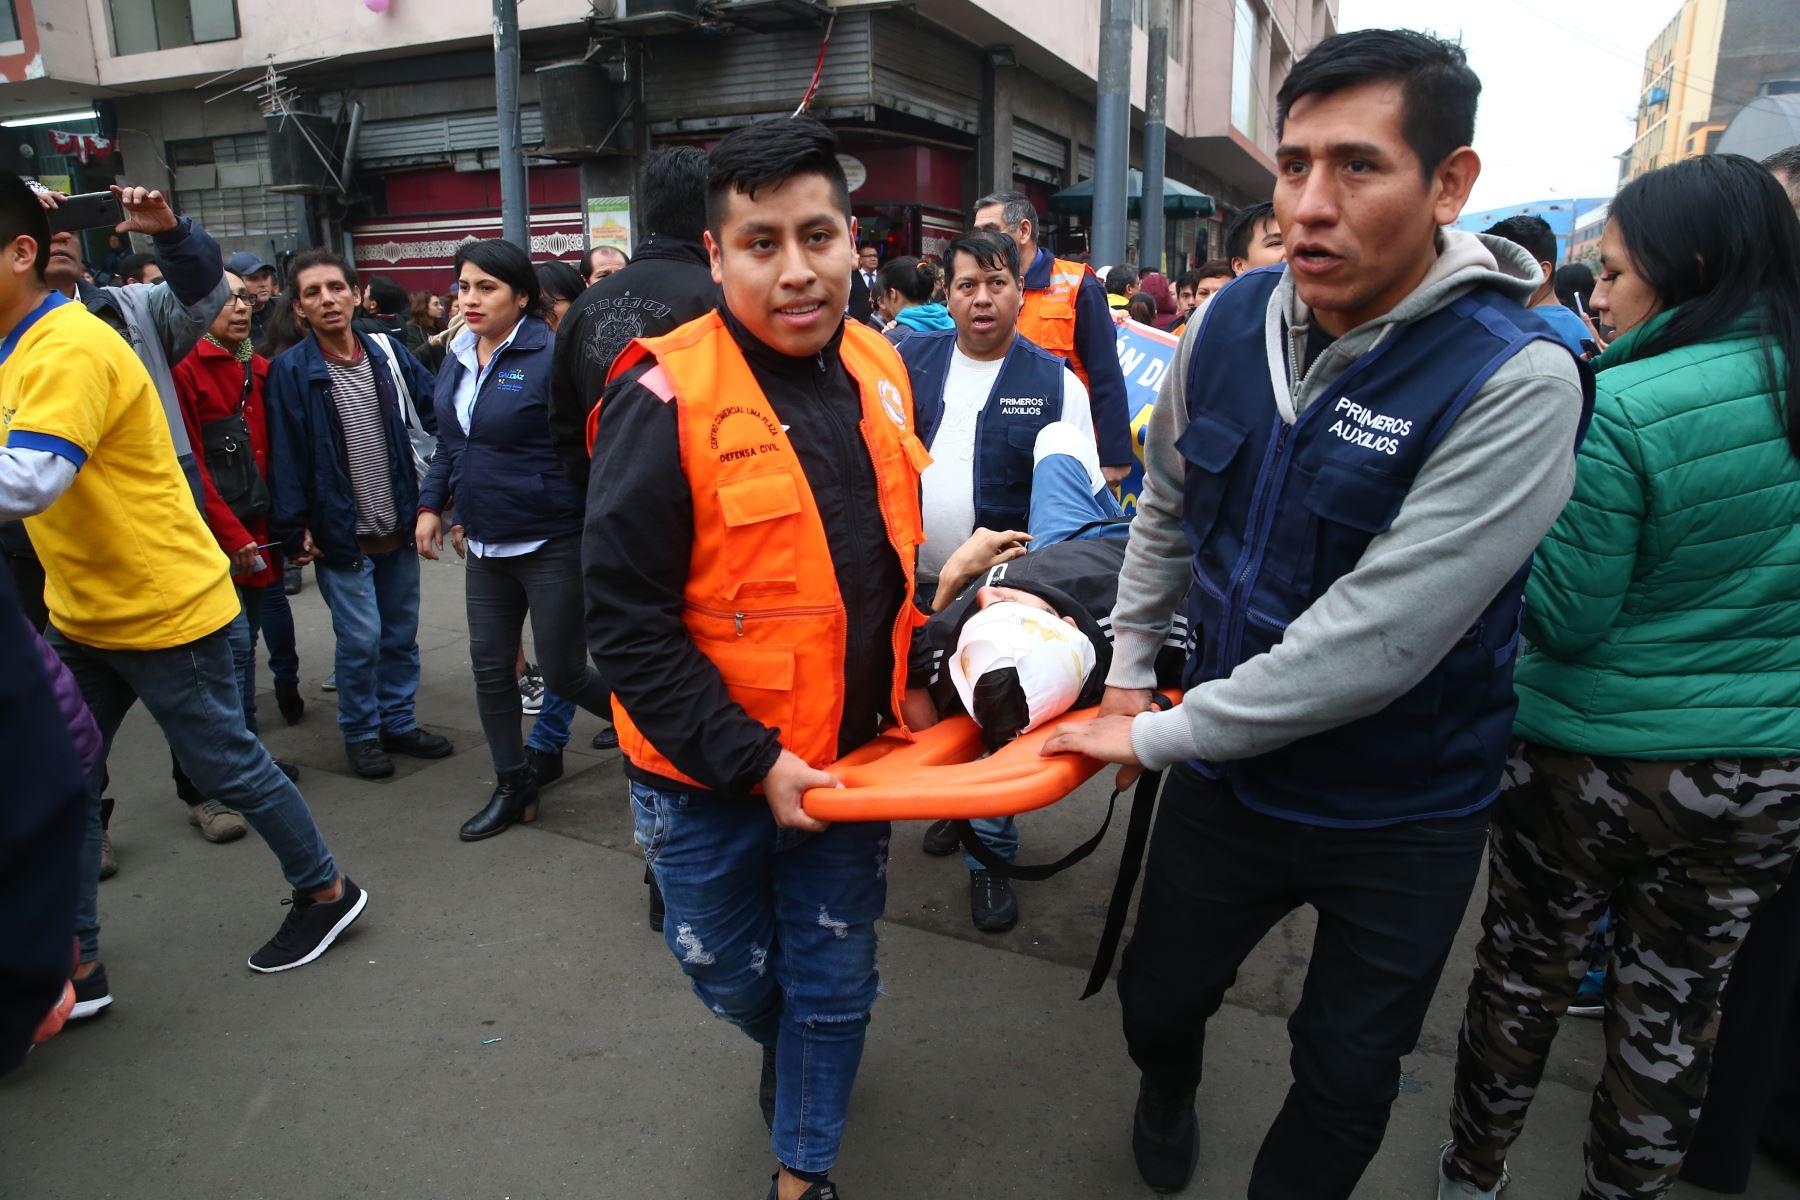 Alcalde de Lima lidera segundo simulacro nacional de sismo en los  jirones Cusco y Ayacucho, Mesa Redonda (Plaza Gastañeta).Foto: ANDINA/ Vidal Tarqui